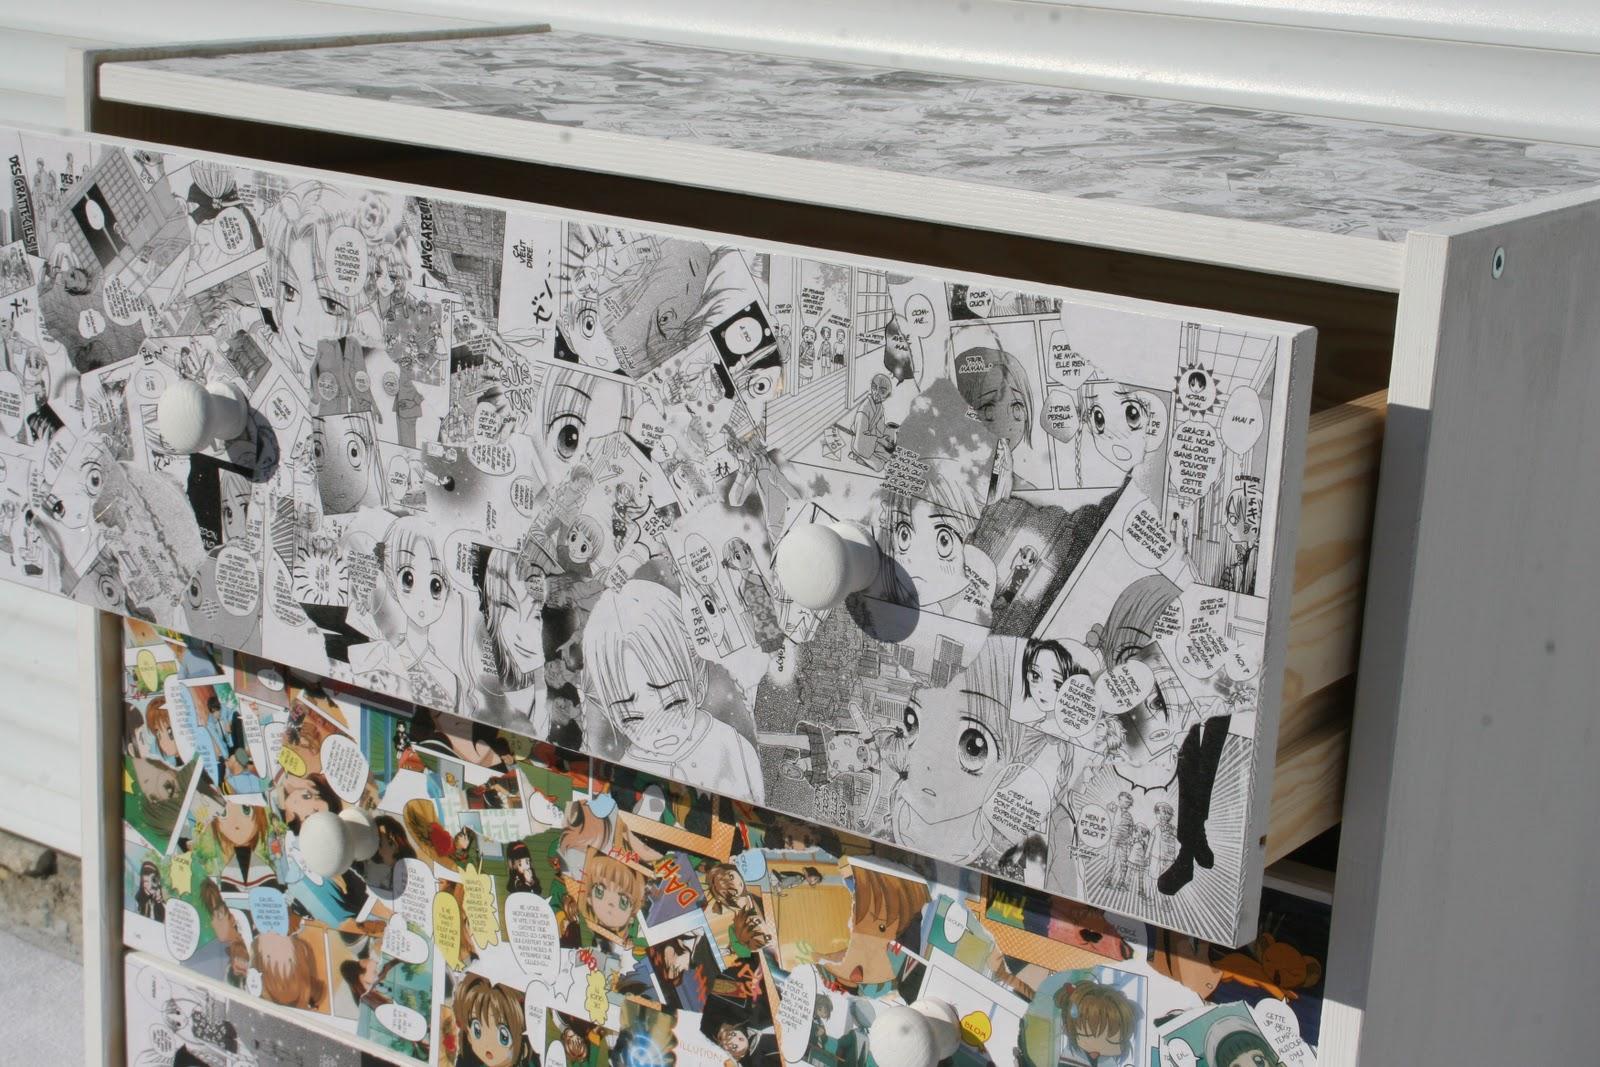 Самоклеящаяся пленка под комиксы